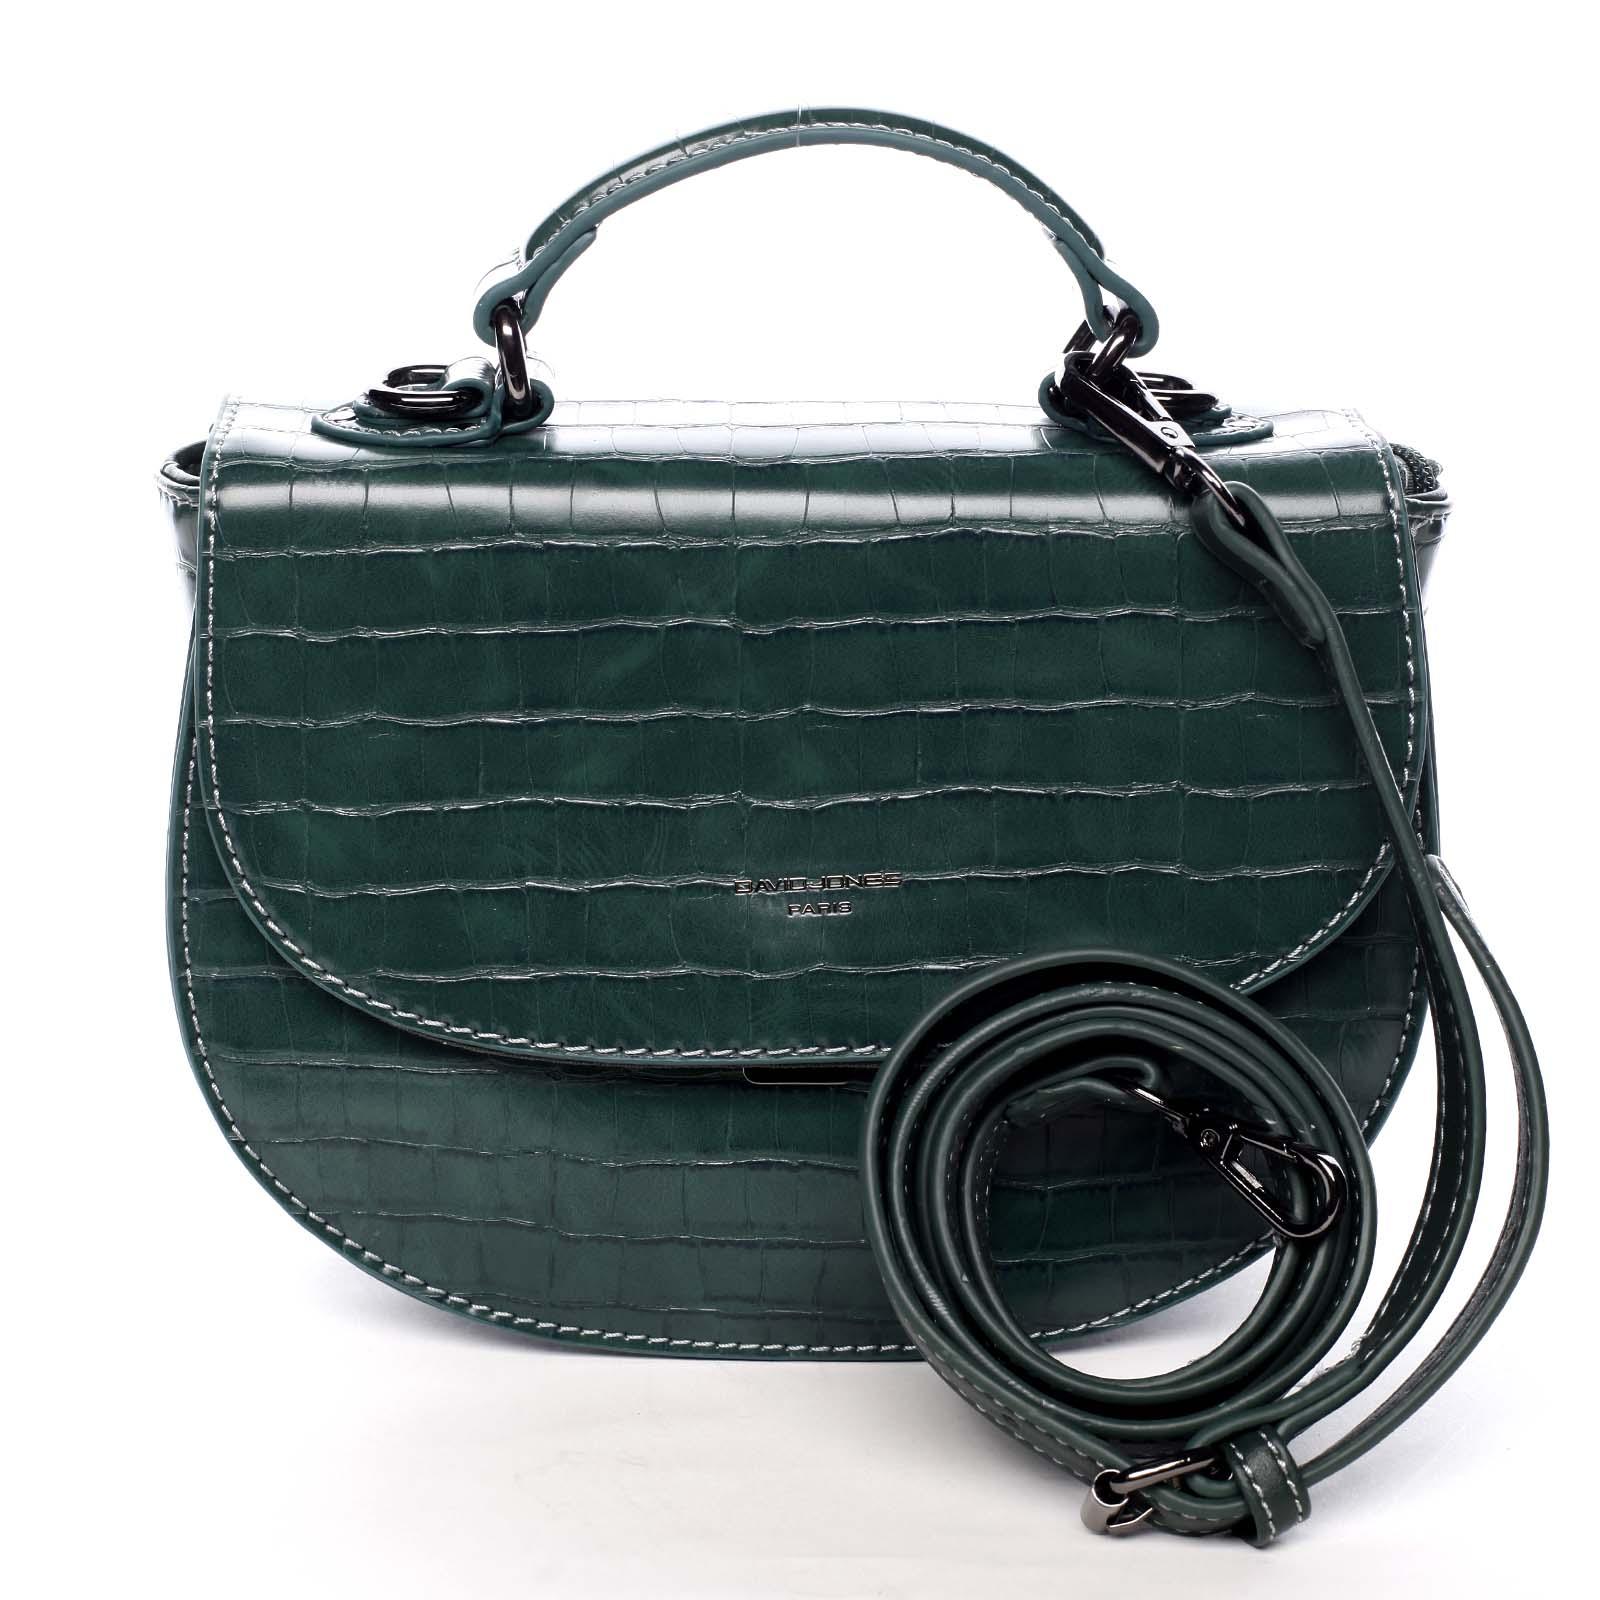 Dámská kabelka do ruky zelená - David Jones Cosette zelená